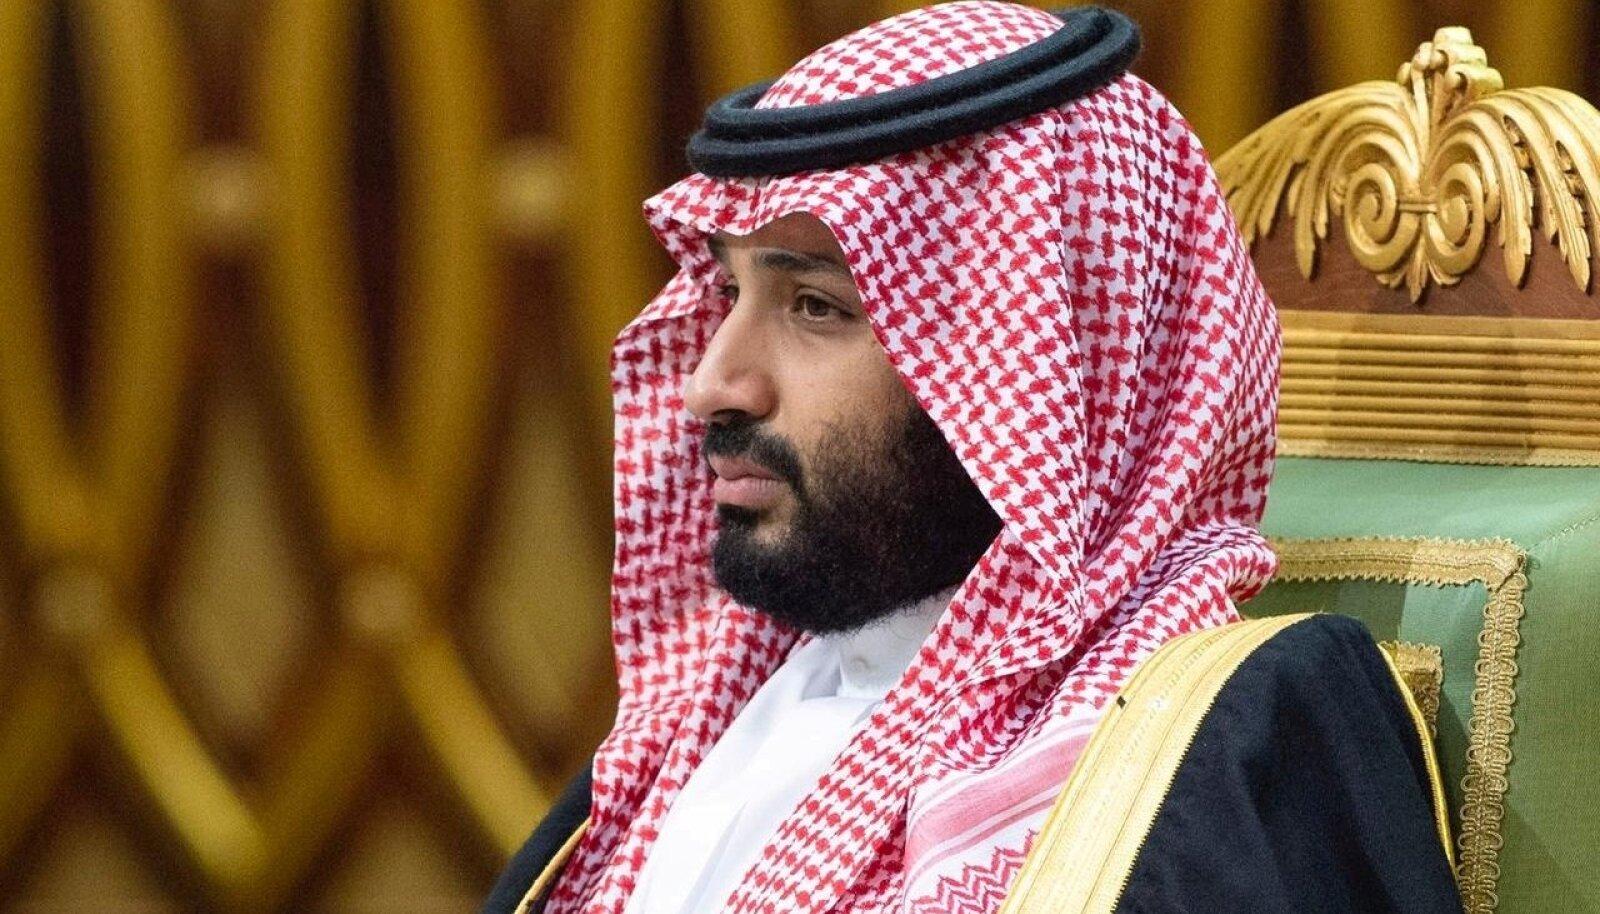 """Mõrvarprints Mohammed bin Salman ei pea esialgu sanktsioone kartma, kuid USA lubab suhteid veelgi """"rekalibreerida""""."""